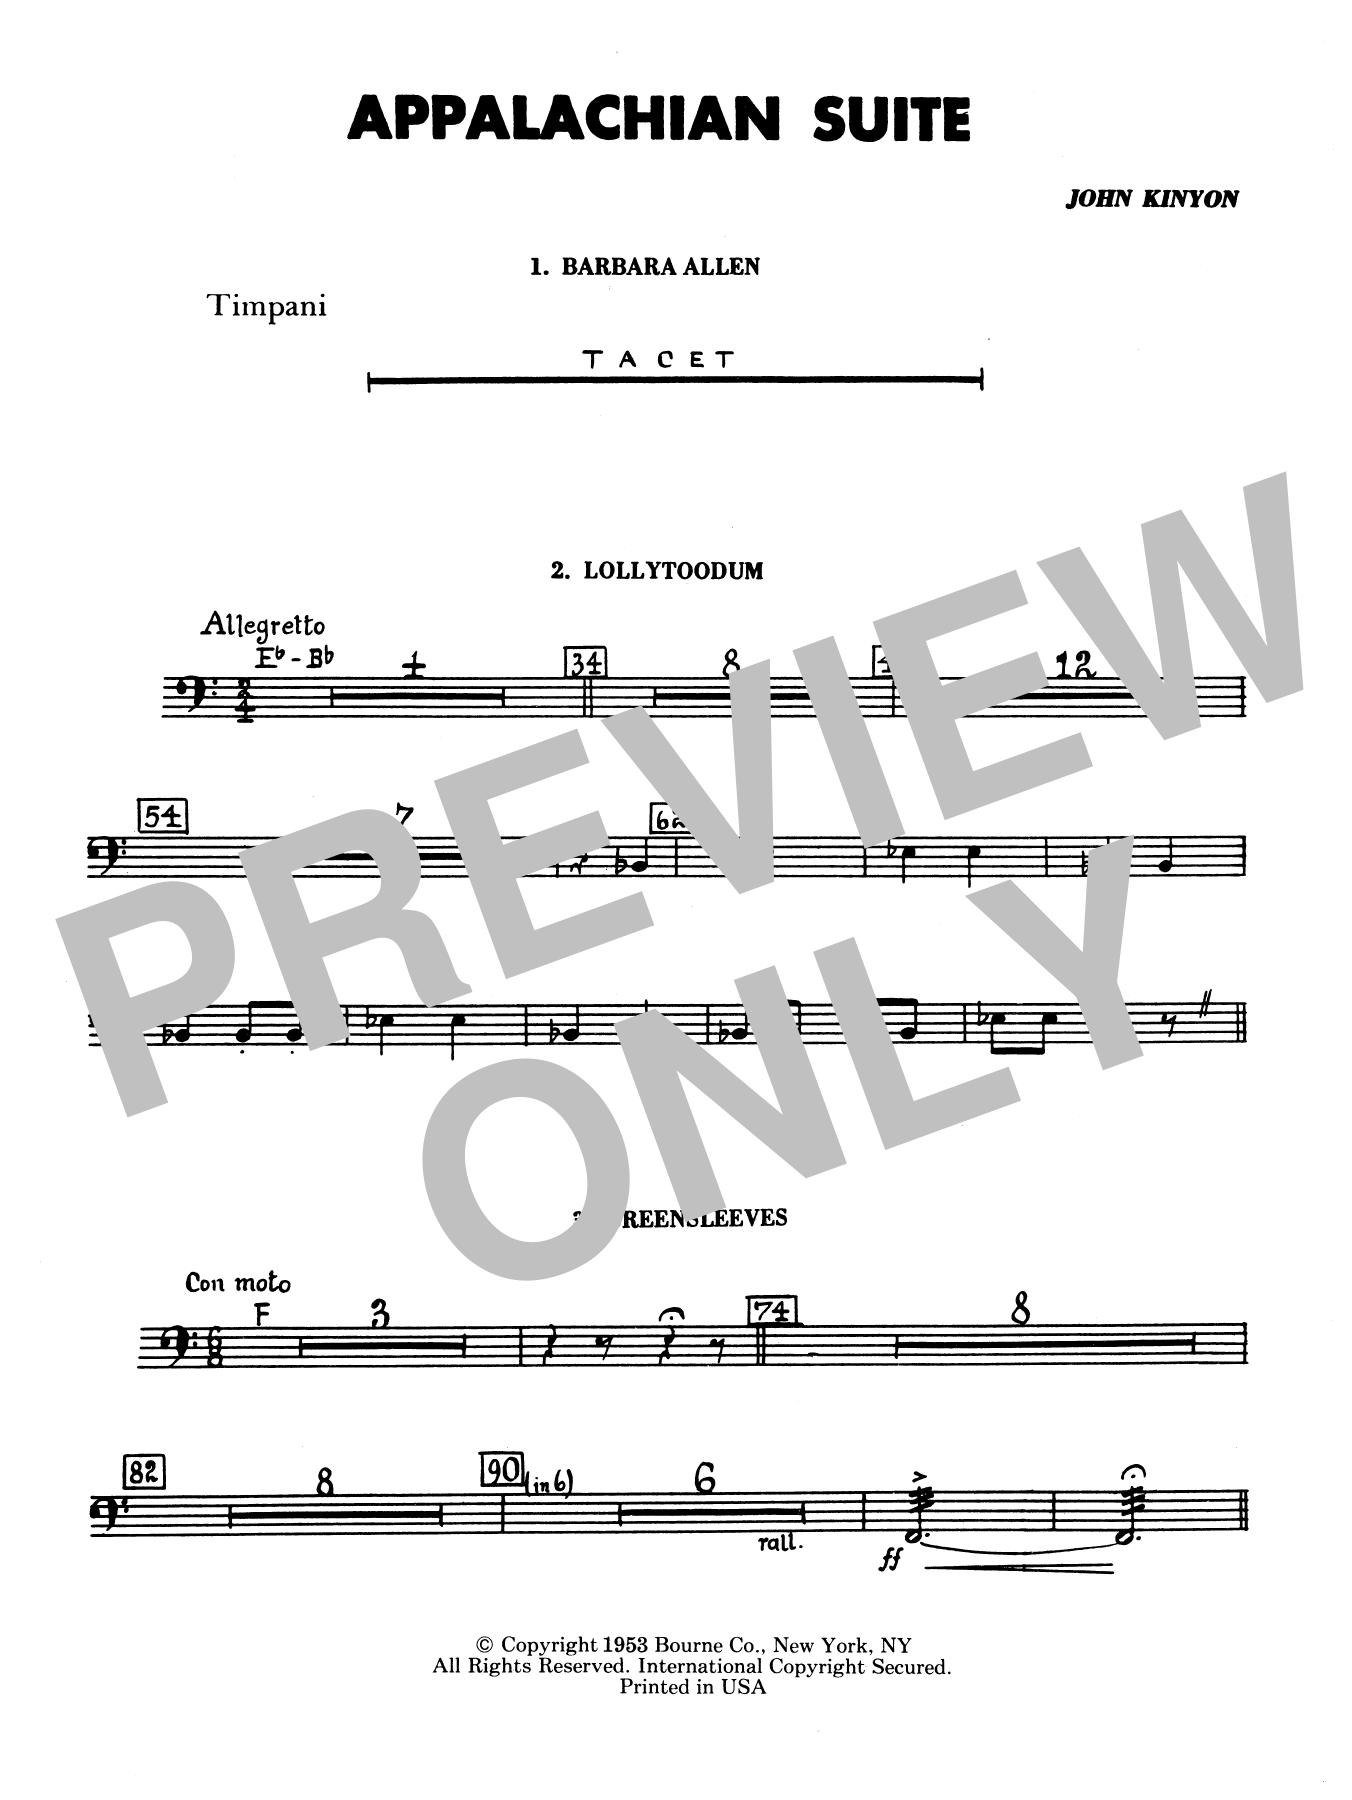 Appalachian Suite - Timpani